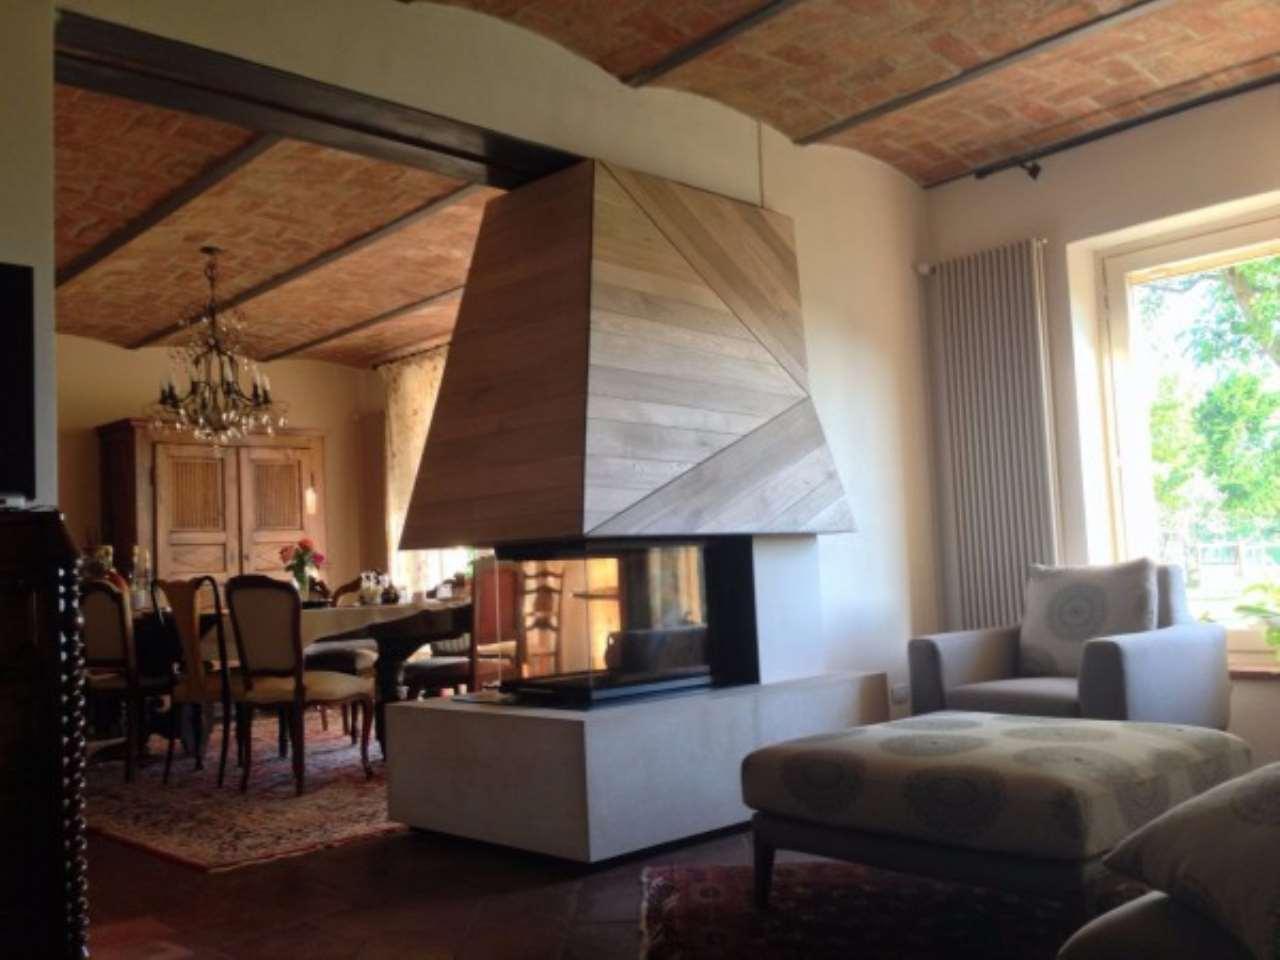 Rustico / Casale in vendita a La Morra, 6 locali, Trattative riservate   Cambio Casa.it